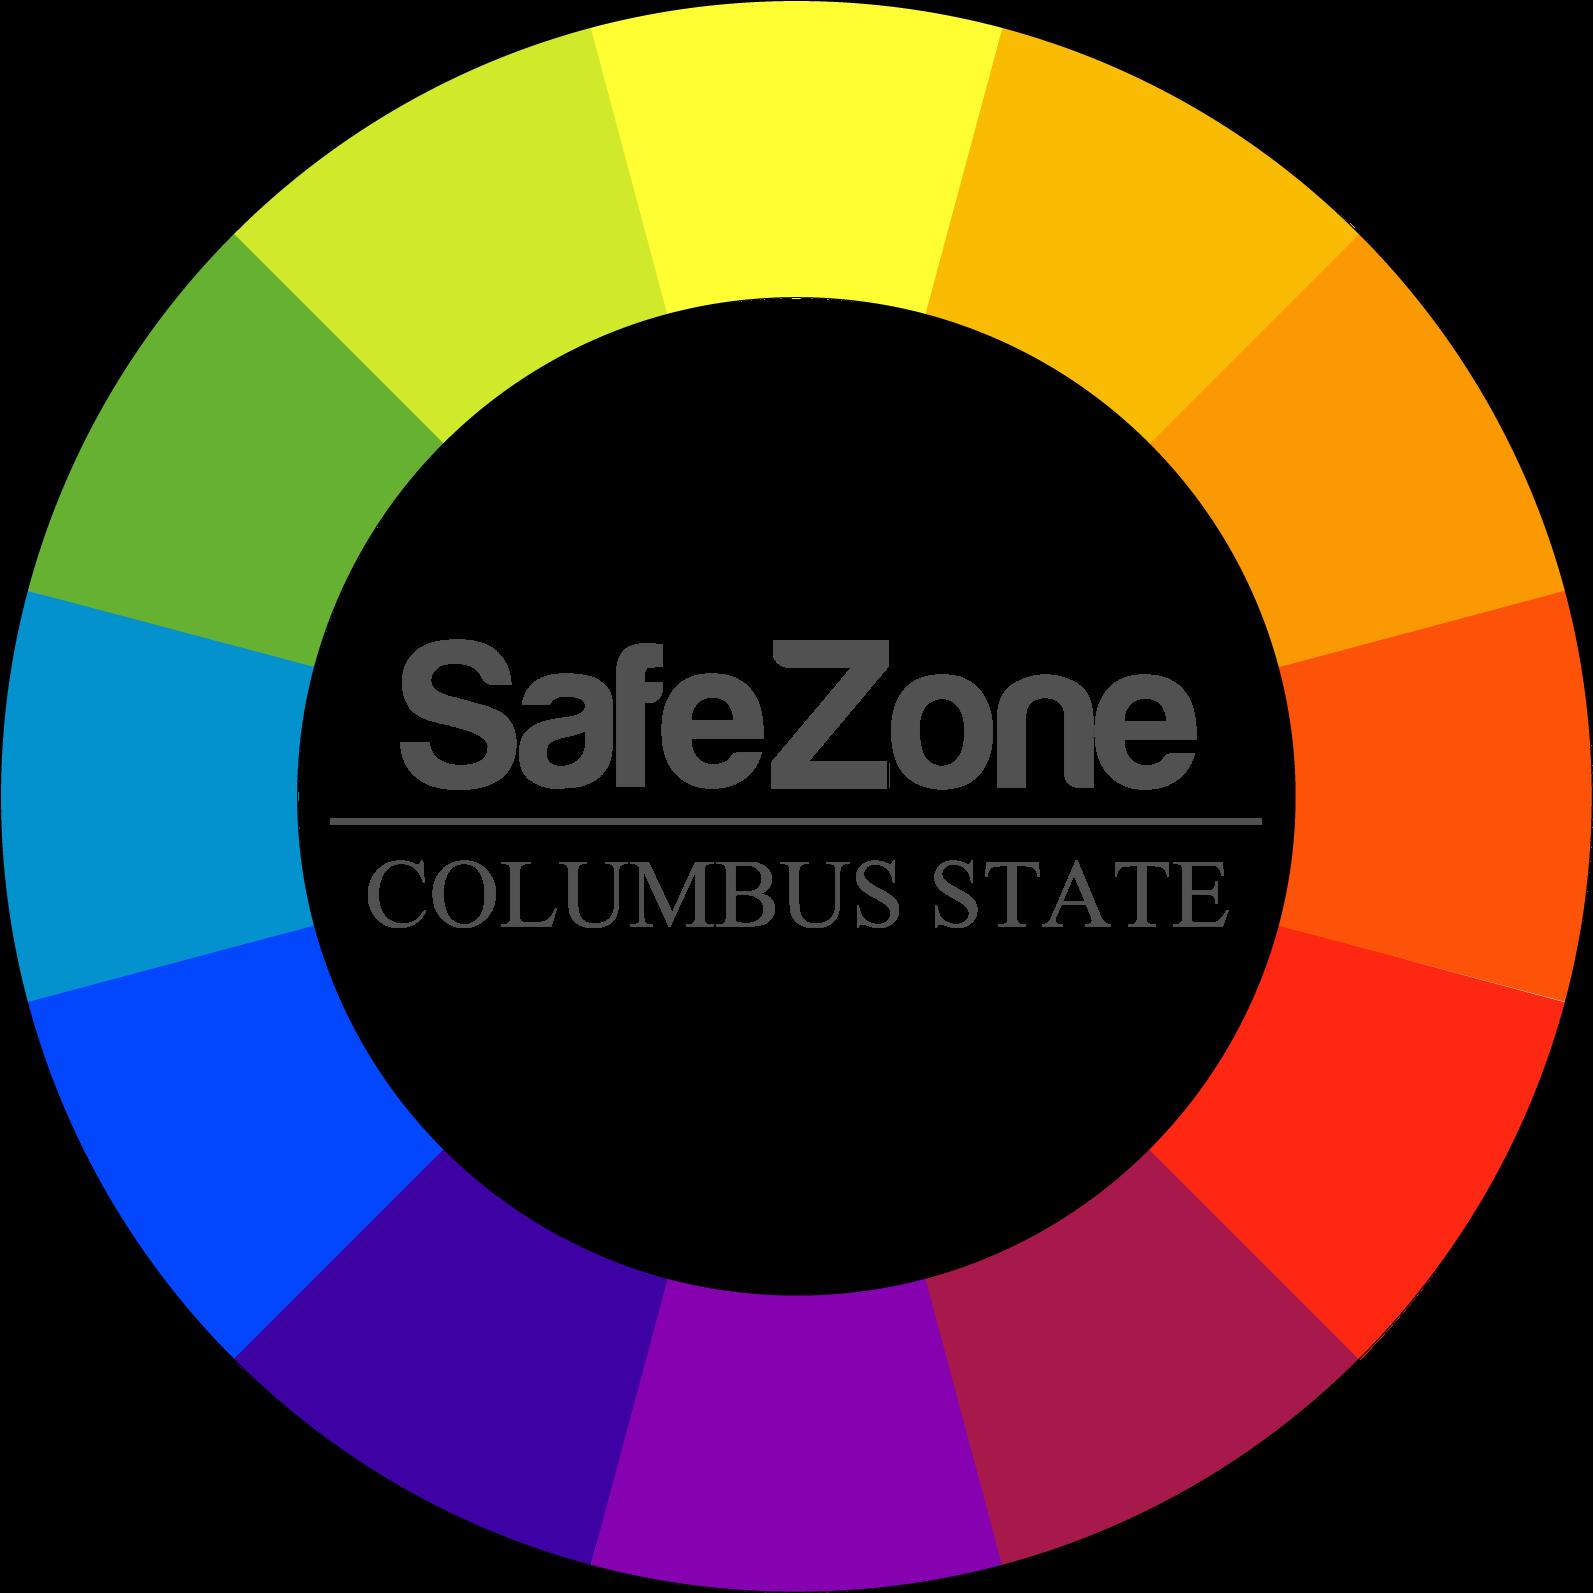 SafeZone New